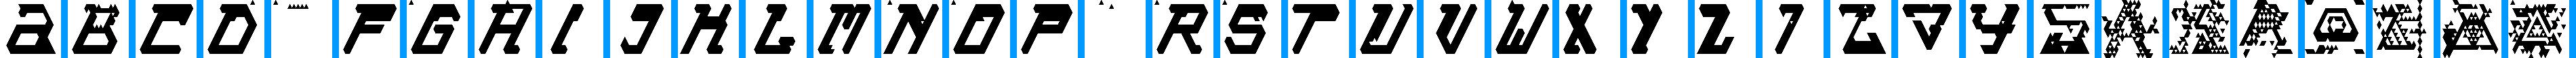 Particip-a-type v.225